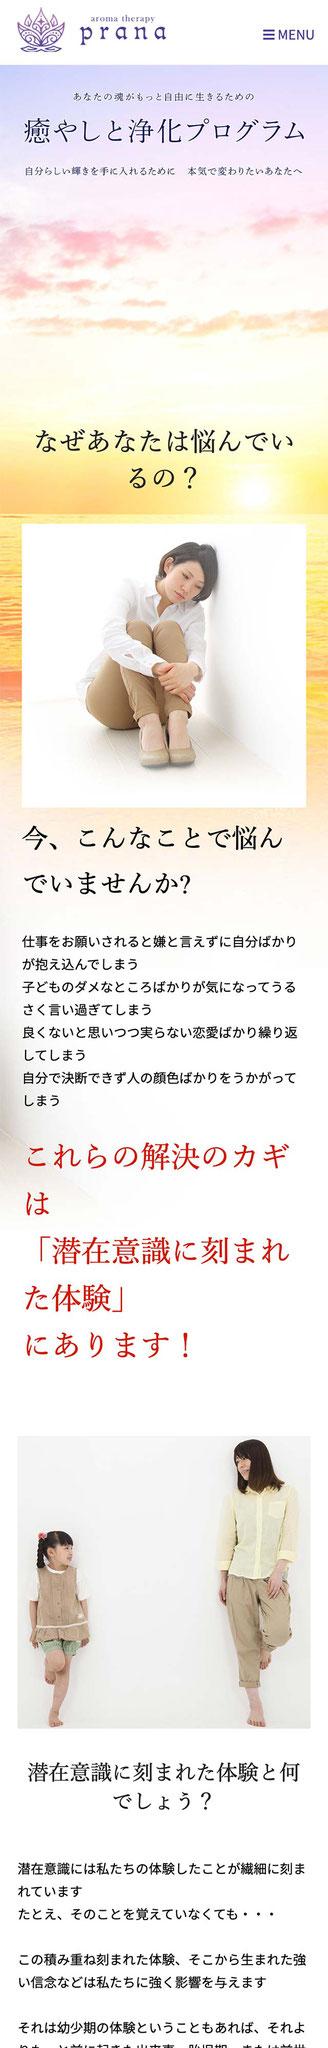 ランディングページのモバイル表示1